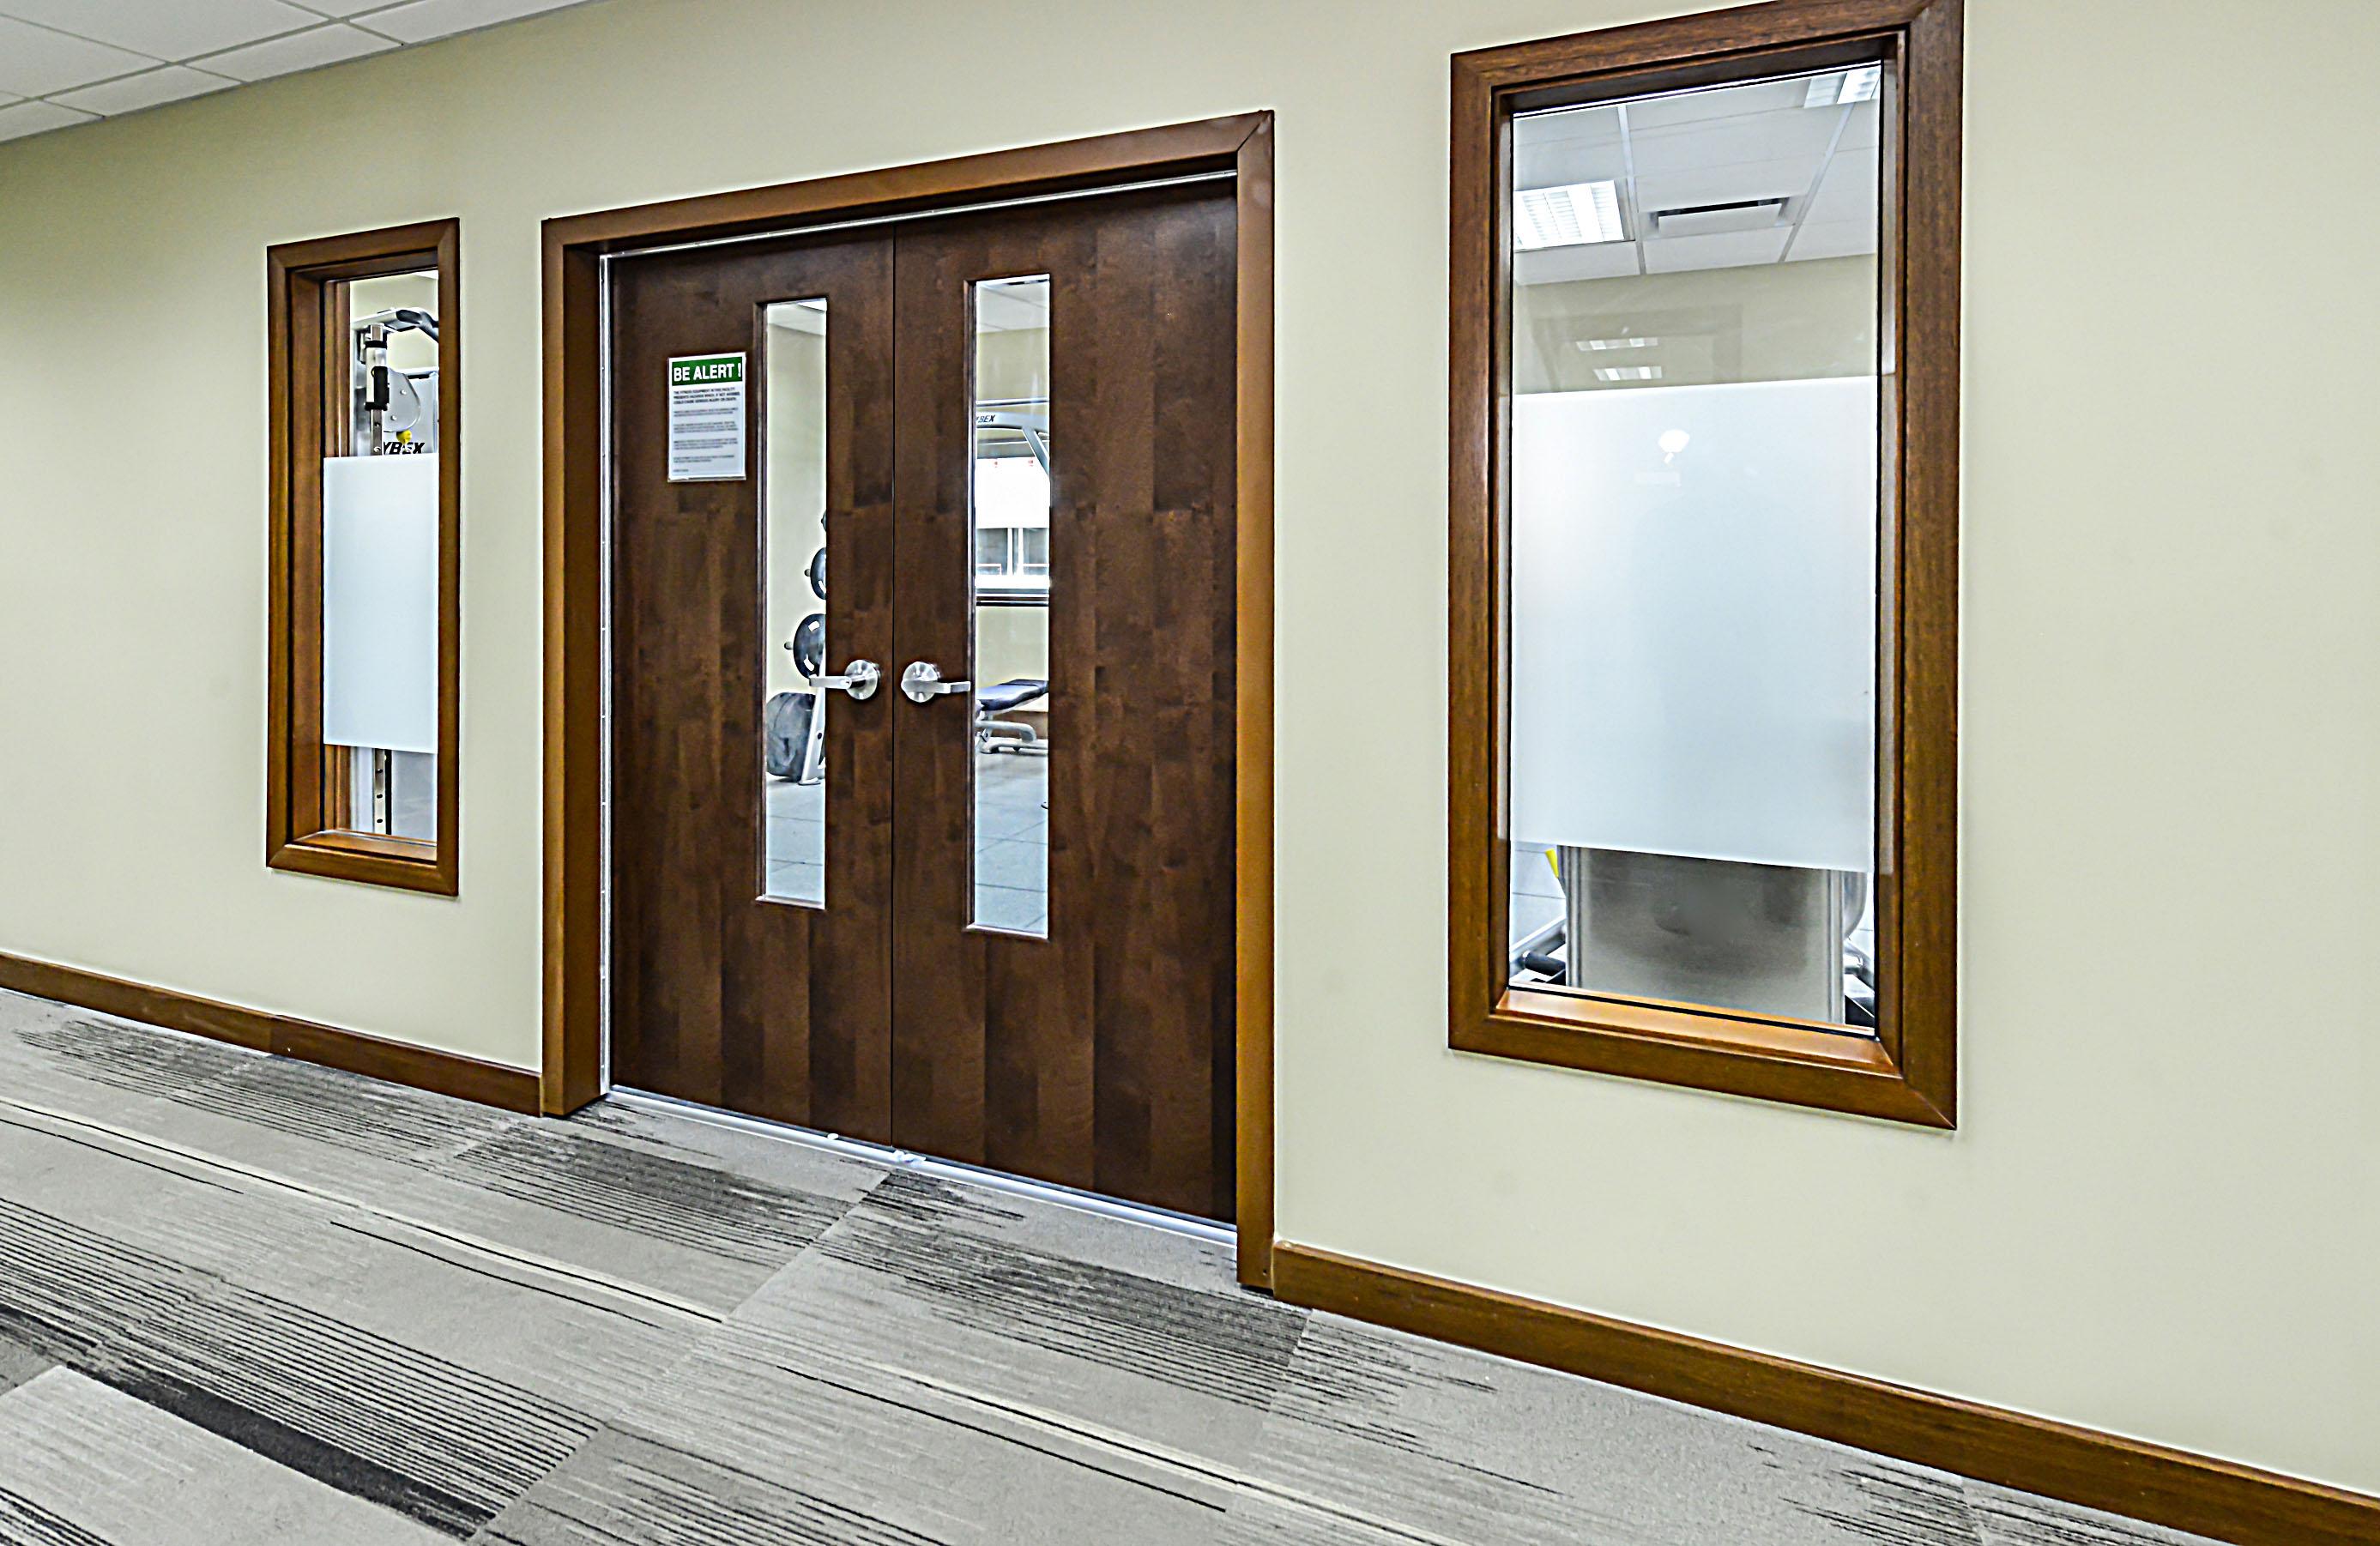 product in category steel freezer phoenix doors restaurant refrigeration freezers commercial categories door equipment reach